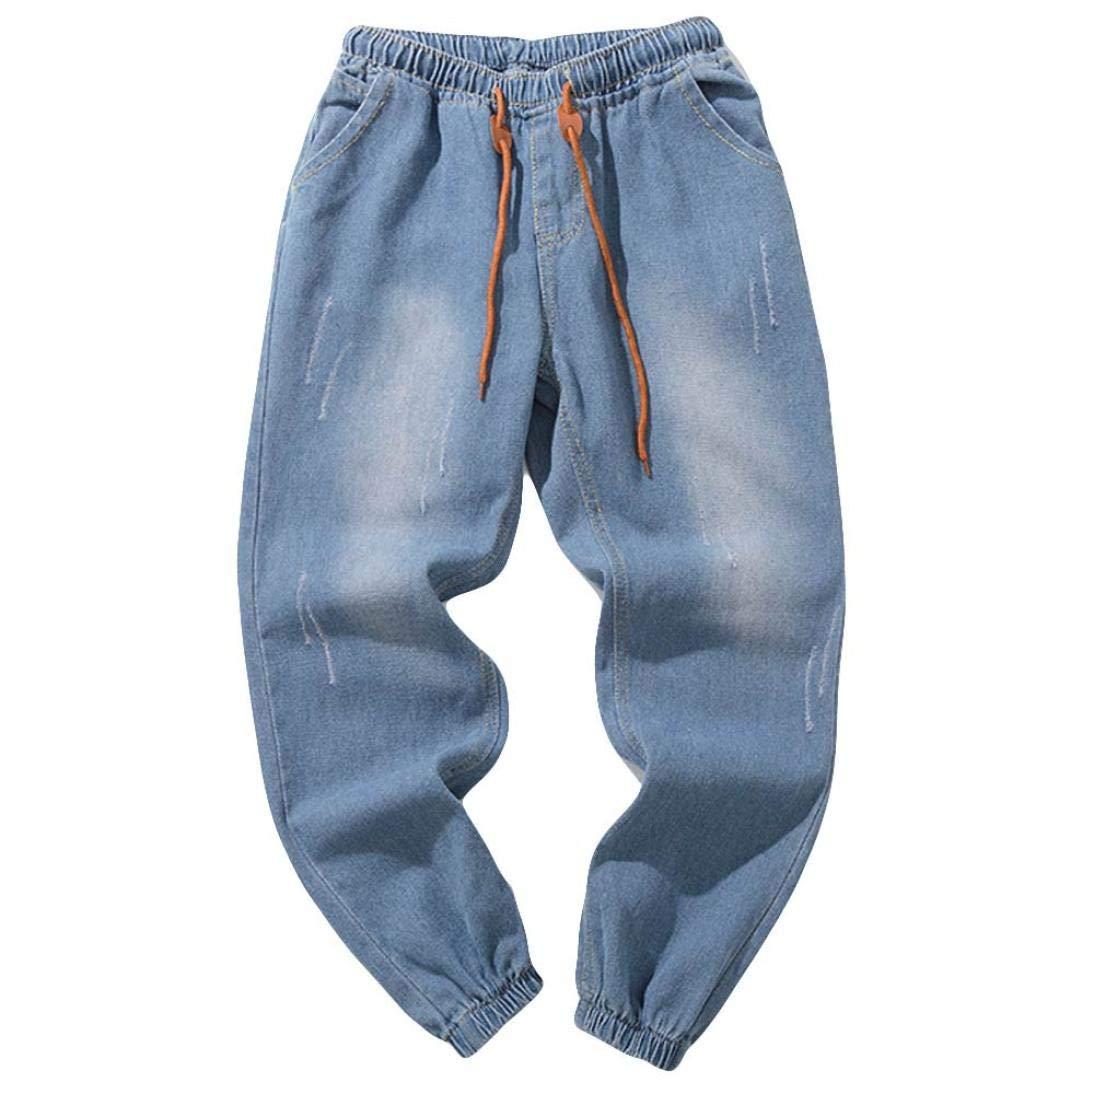 Pantaloni Larghi Uomo ASHOP I Pantaloni Casuali Dei Jeans Del Lavoro Hip-Hop Del Lavaggio Del Cotone Di Autunno Casuale Del Denim Degli Uomini Pantaloni Uomo Elegante Blu Scuro/Blu Chiaro M-XXXXXL ASHOP0817S80807724